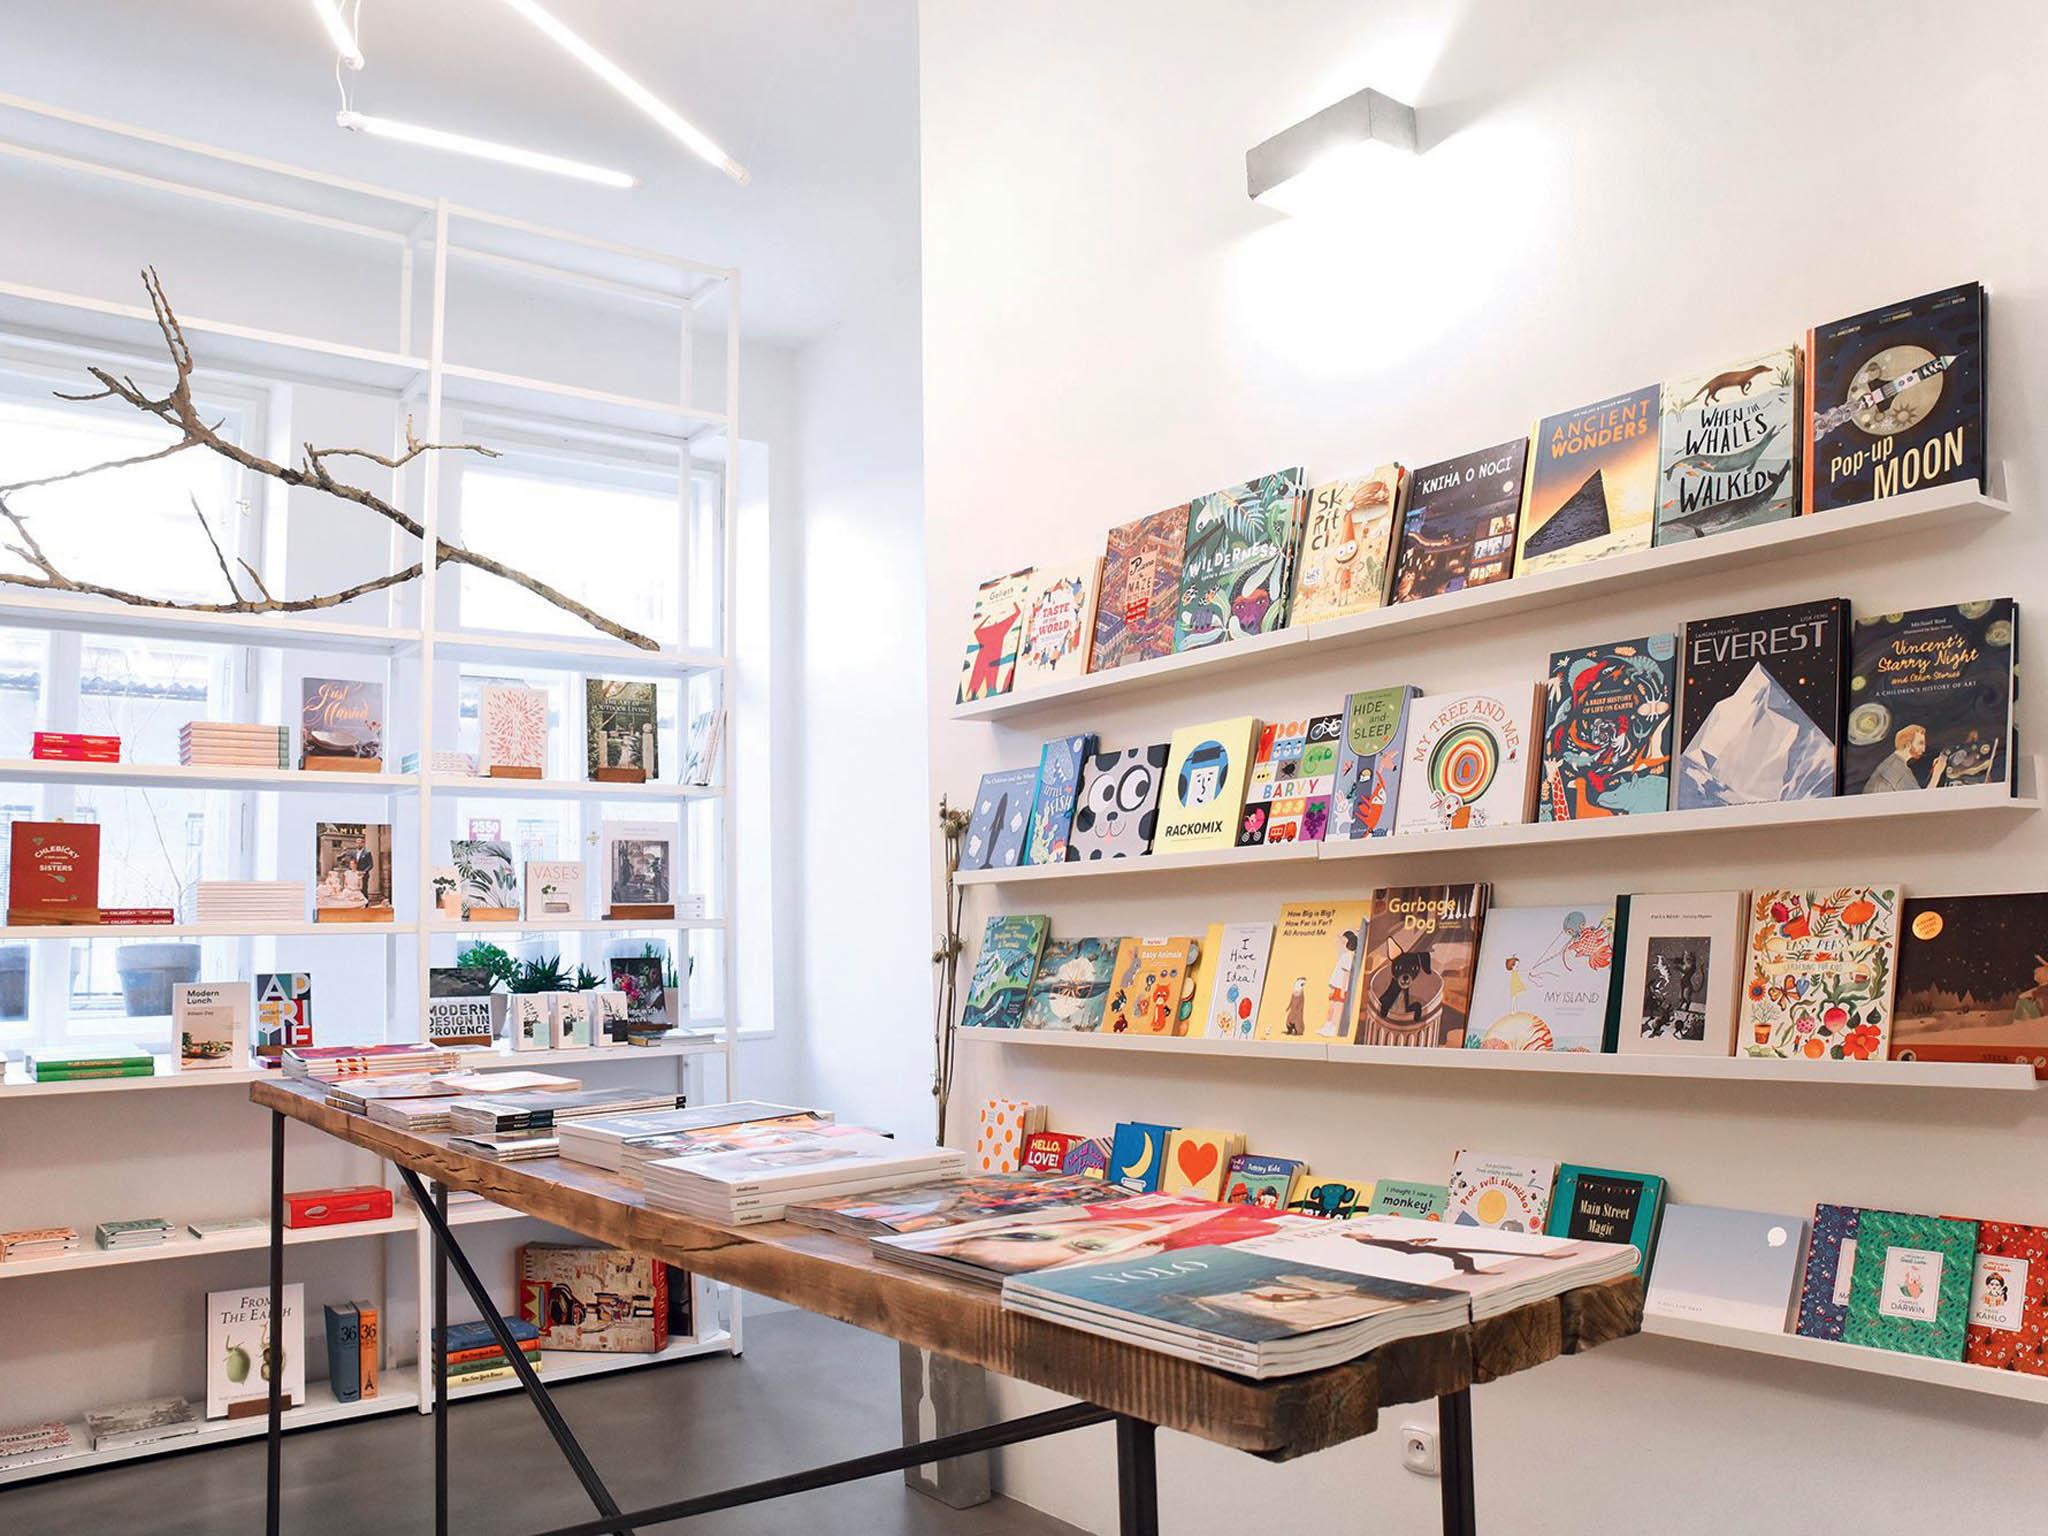 Knihkupectví Book Therapy si zakládá nakurátorském výběru. Tituly zesvěta architektury, designu, módy aživotního stylu nyní prodává ion-line– skrze aplikaci WhatsApp.